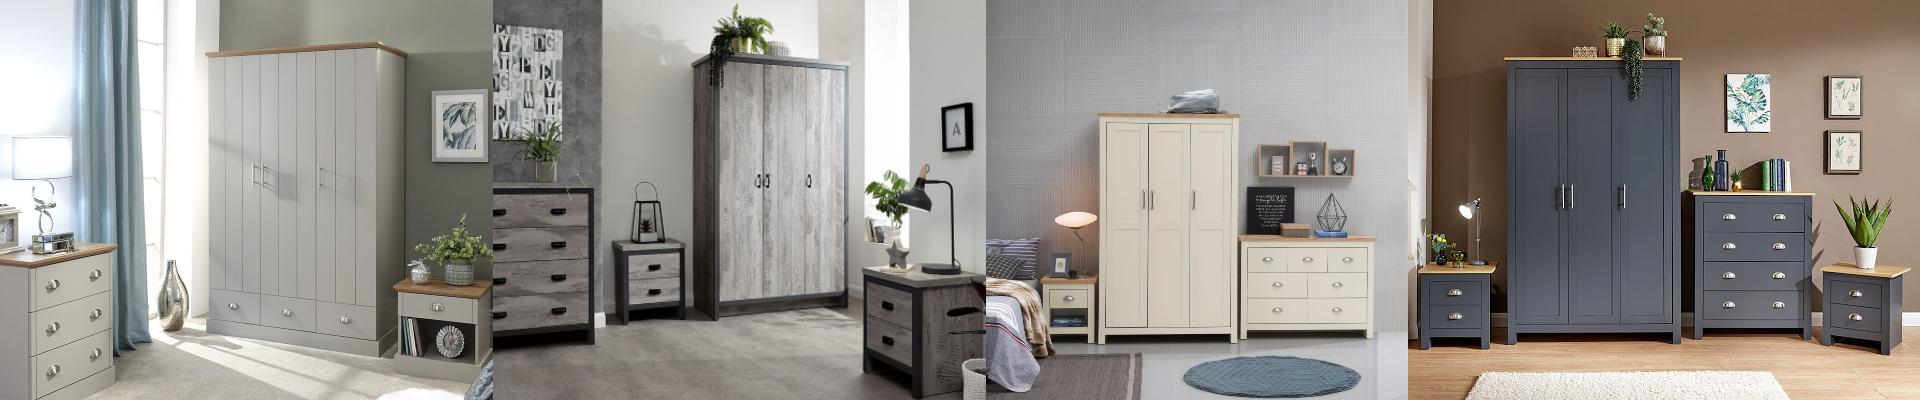 bedroom-furniture-banner.jpg